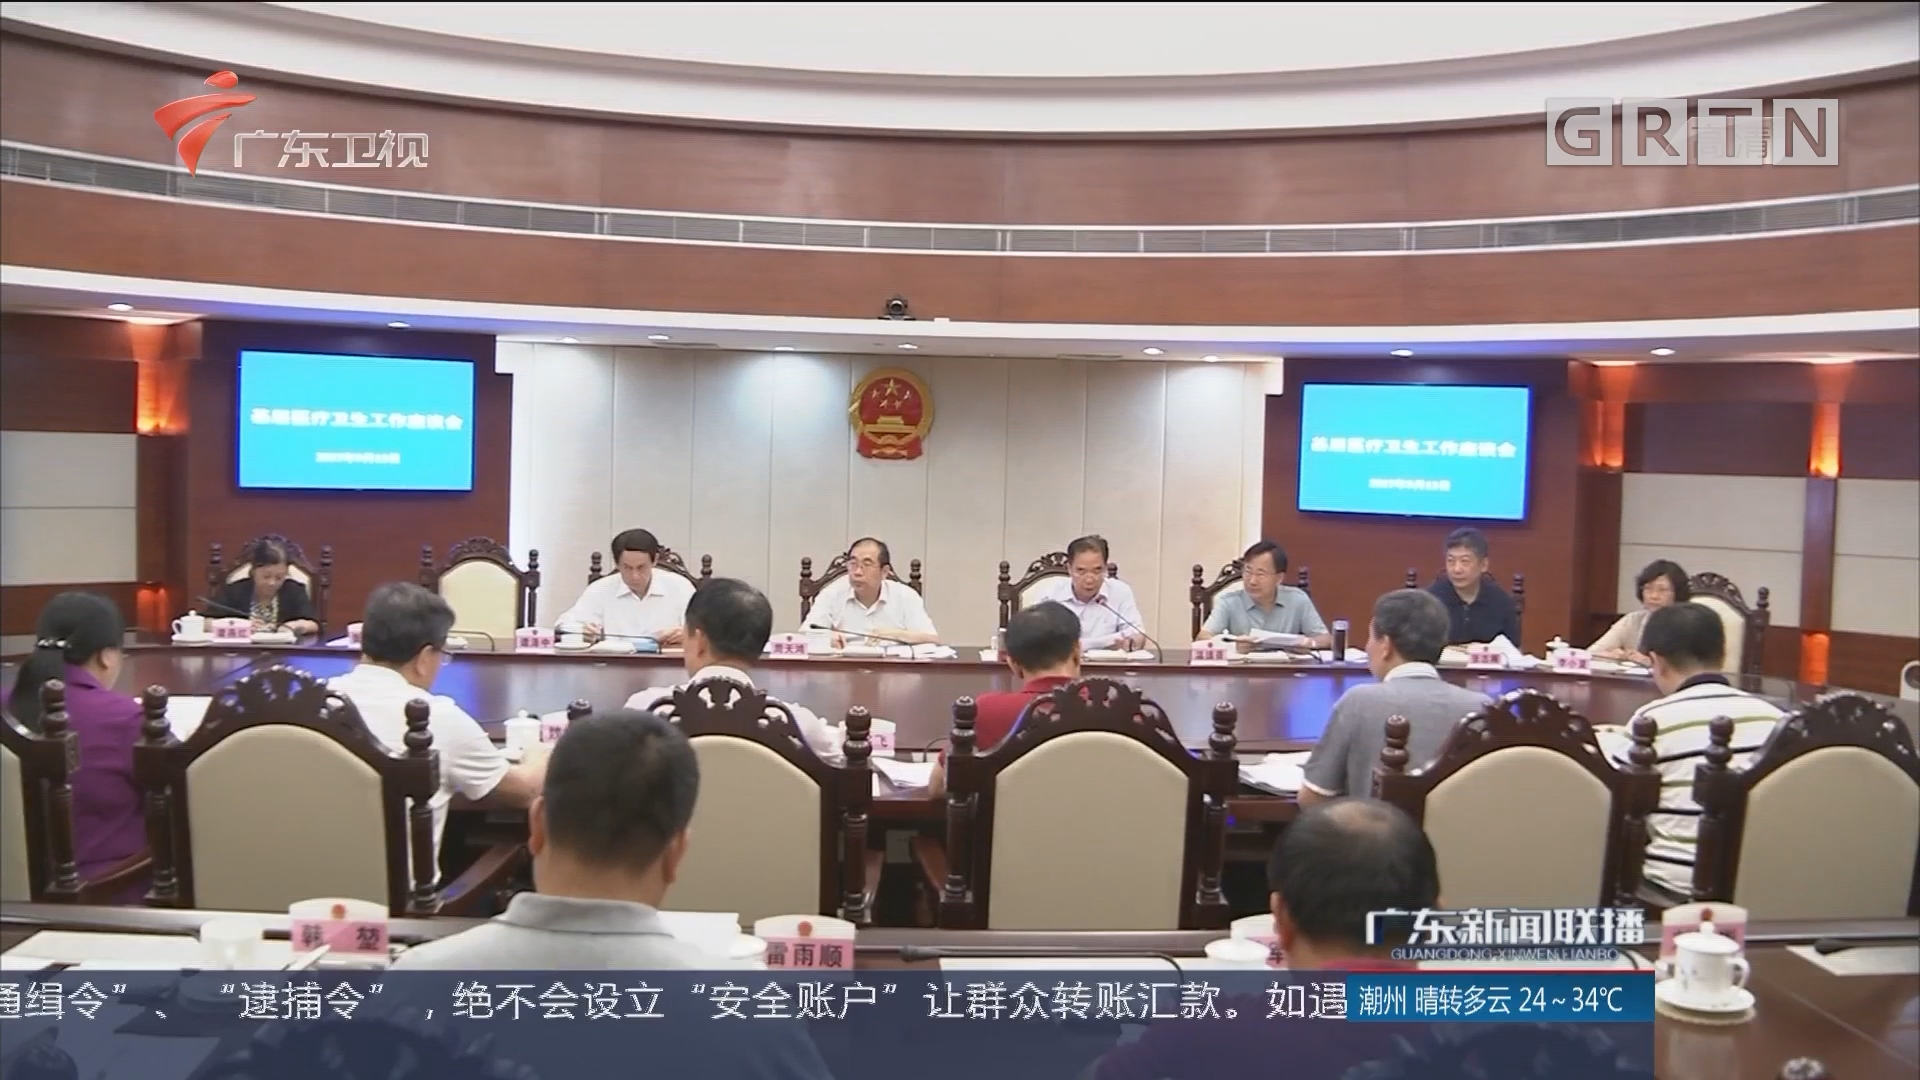 广东已形成比较完备的公共卫生服务网络